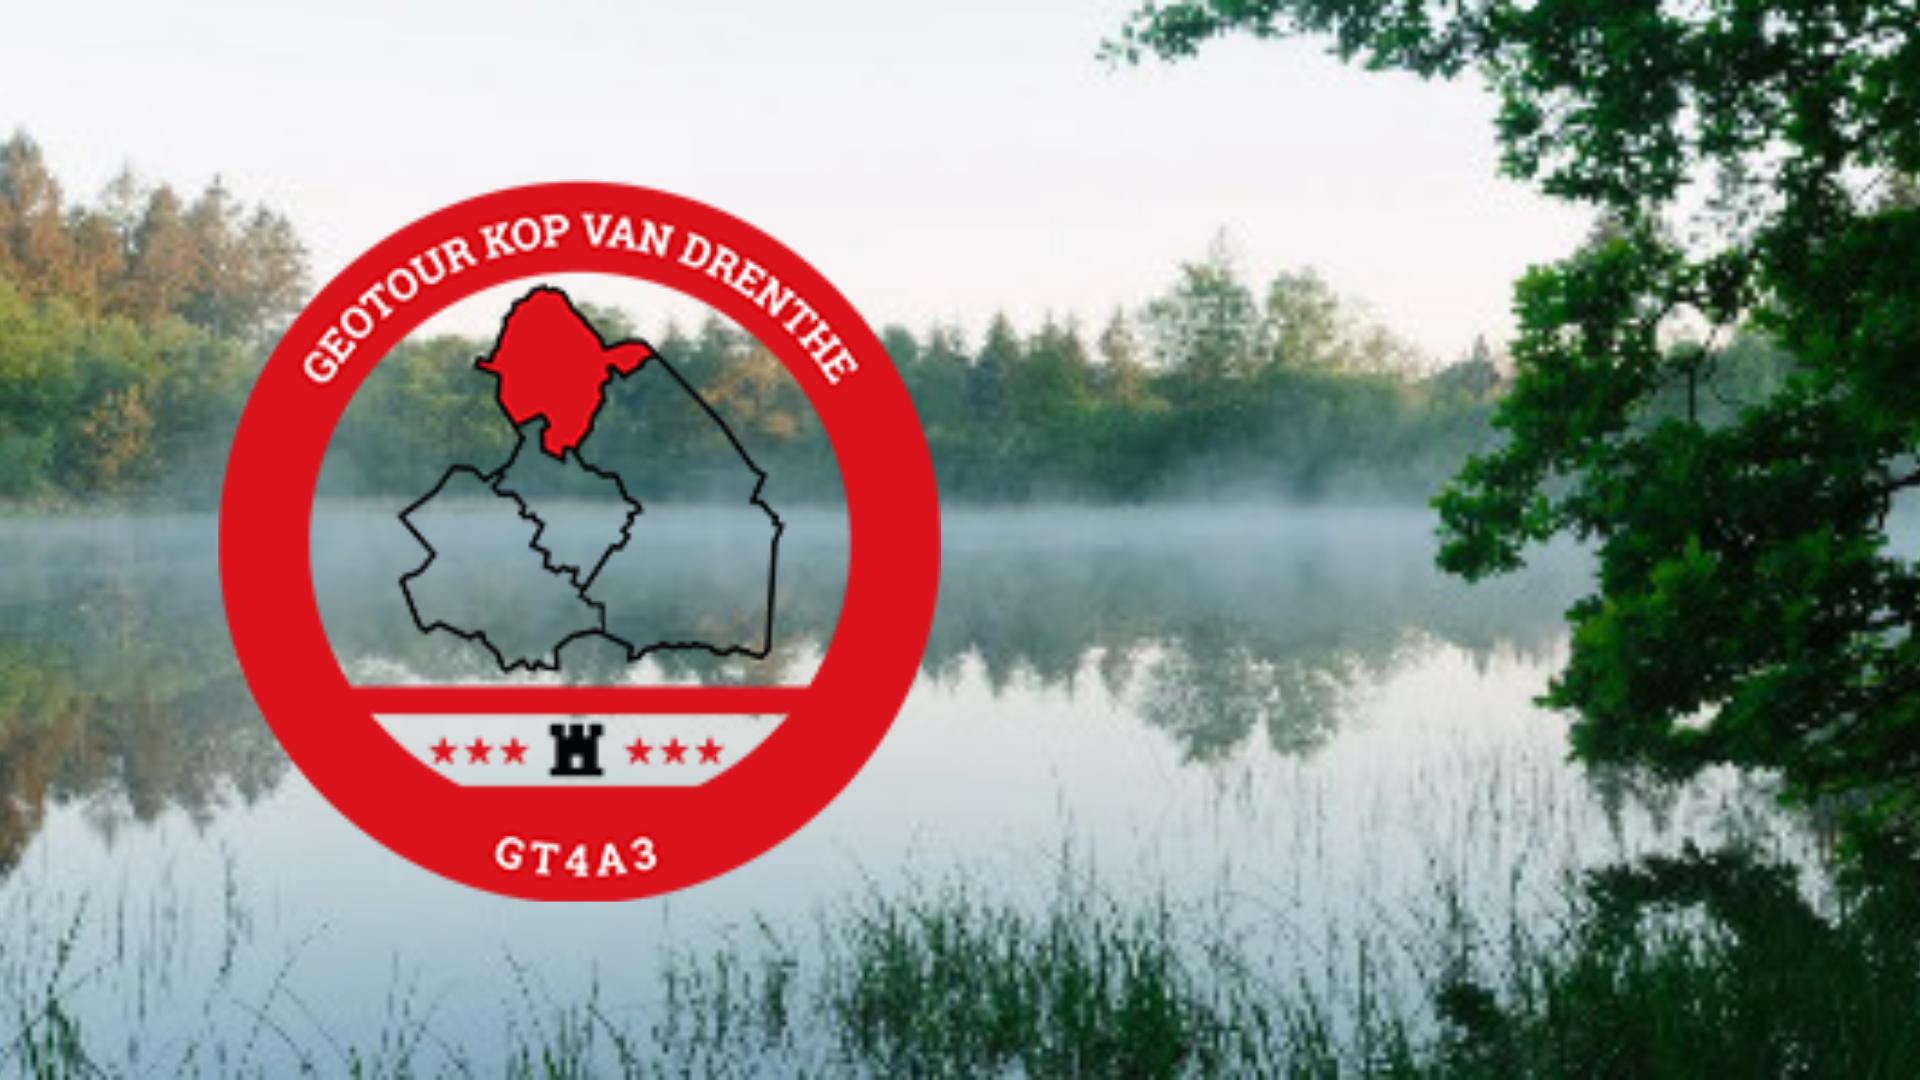 GeoTour Kop van Drenthe